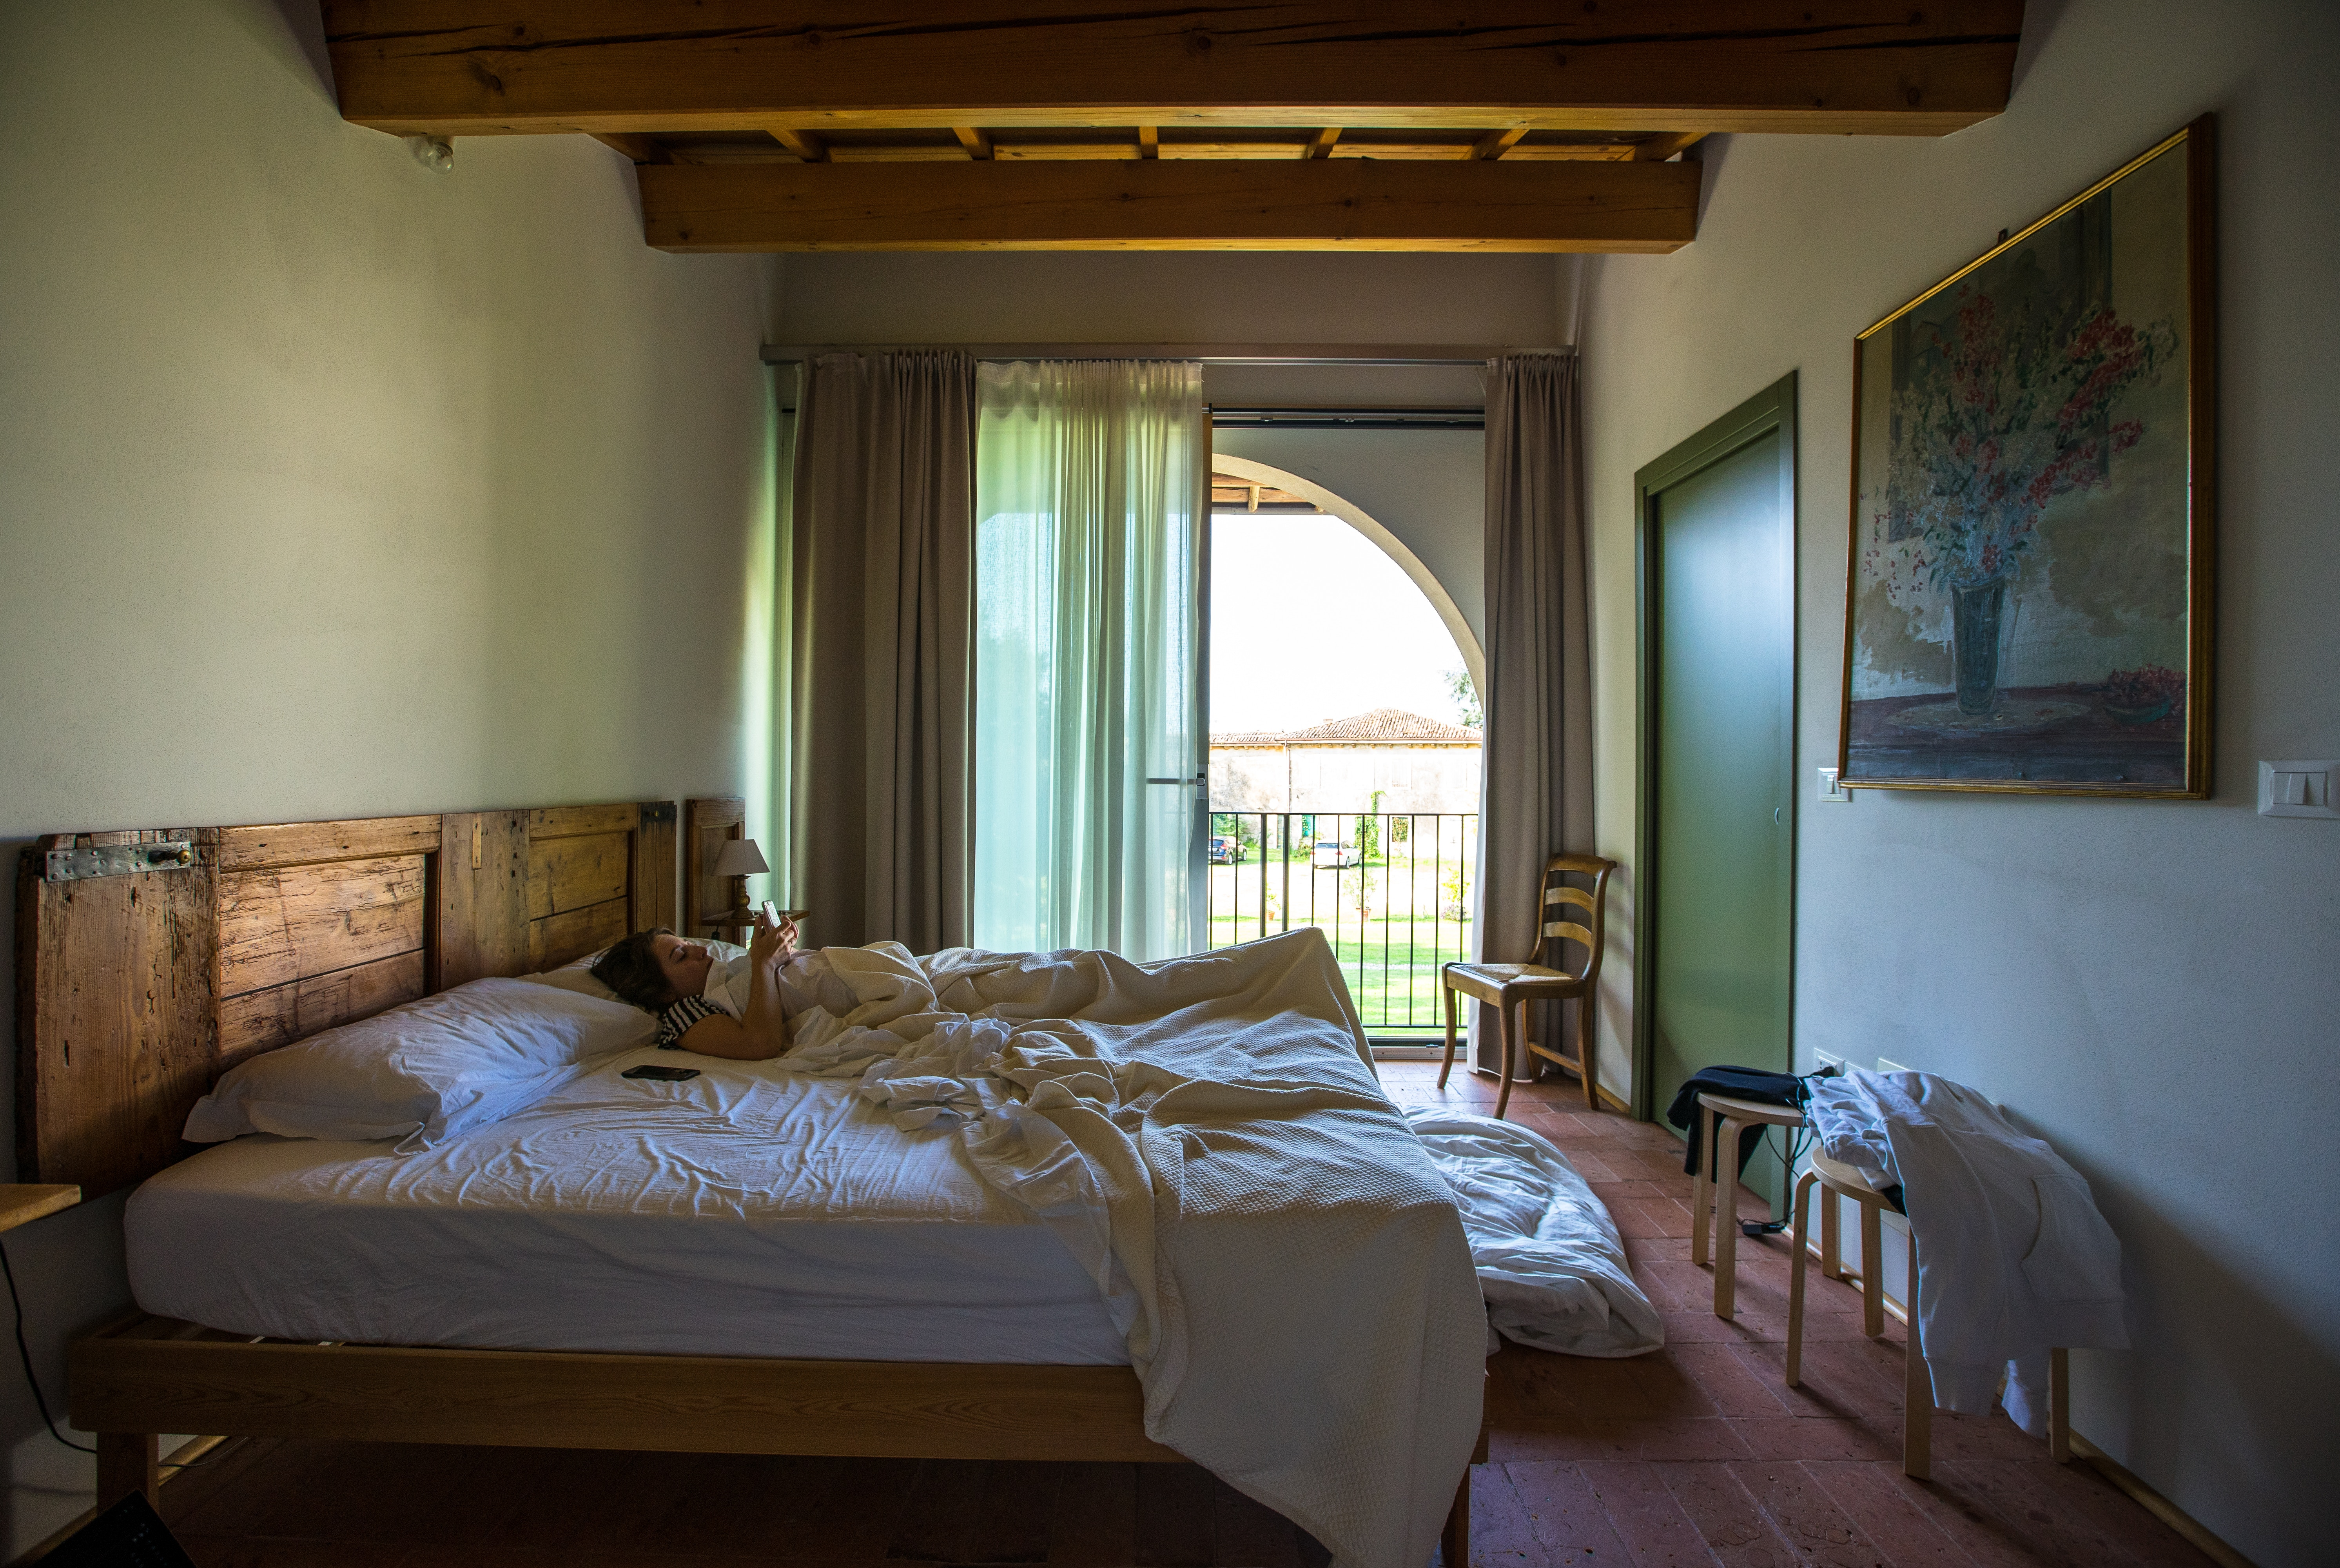 Maxmeyer - Tinteggiare la camera da letto ...